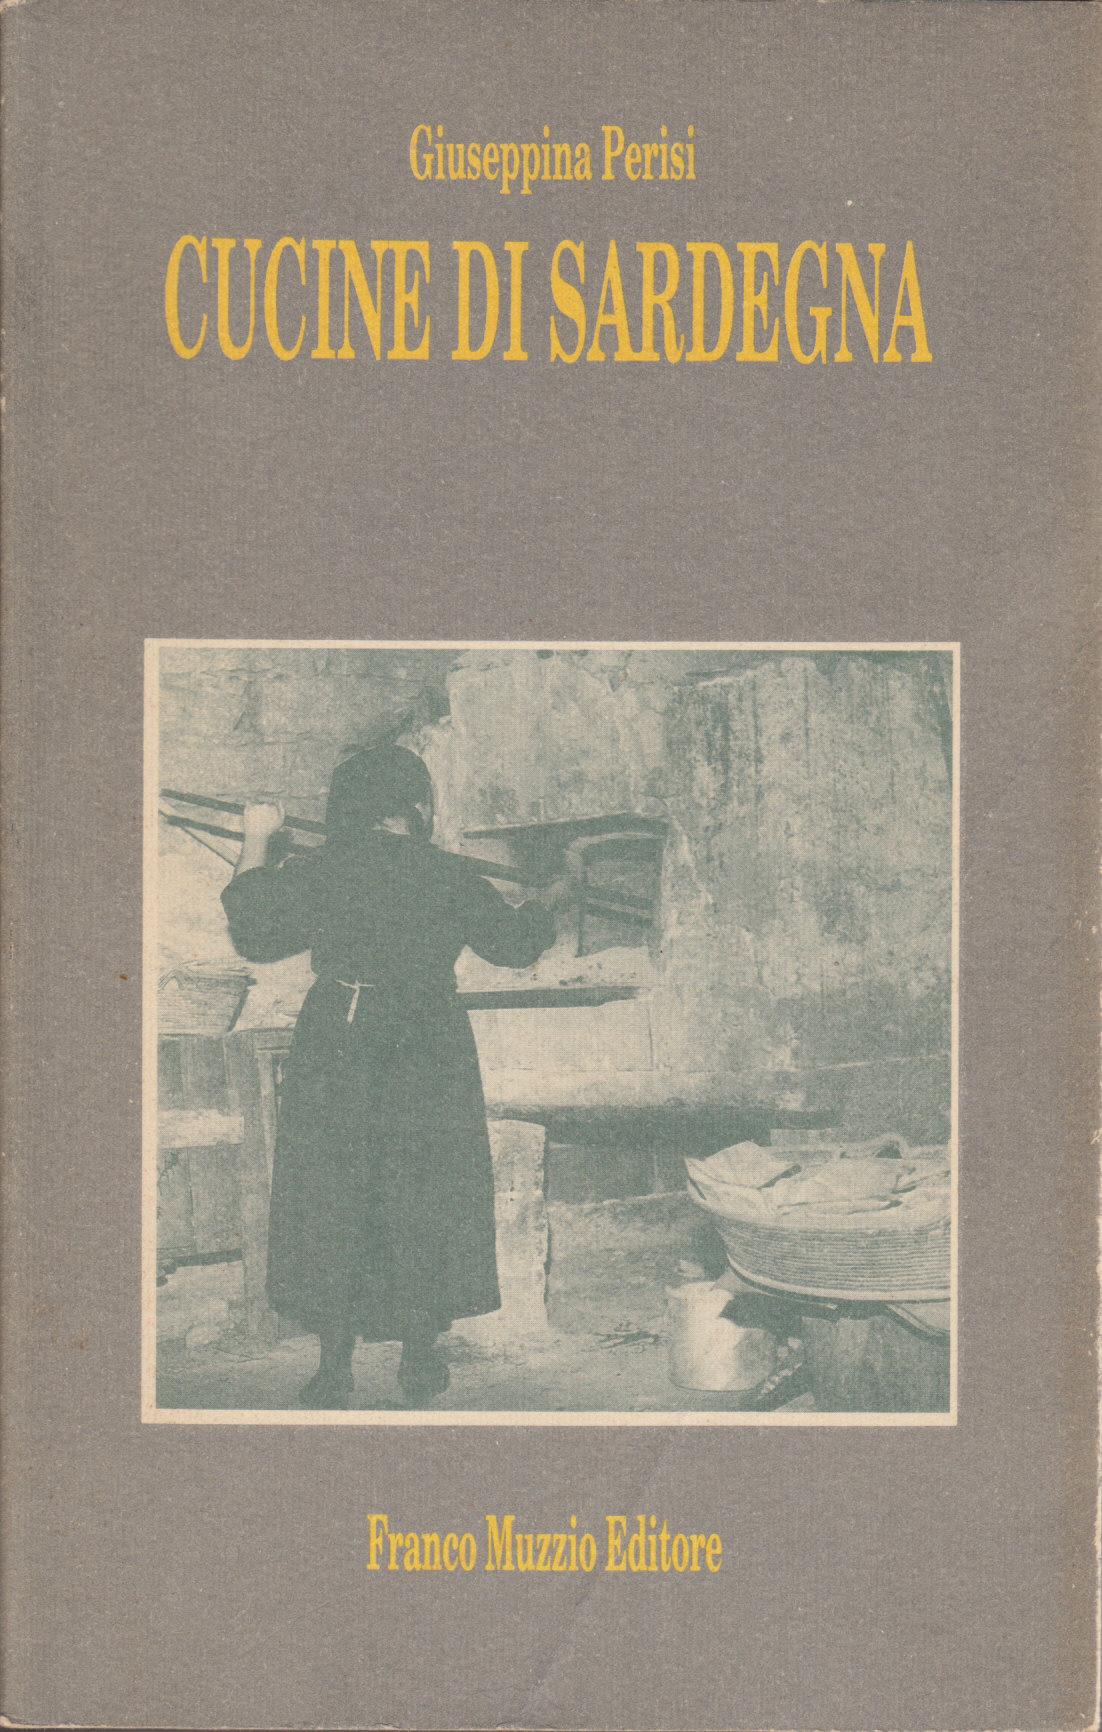 Cucine di Sardegna